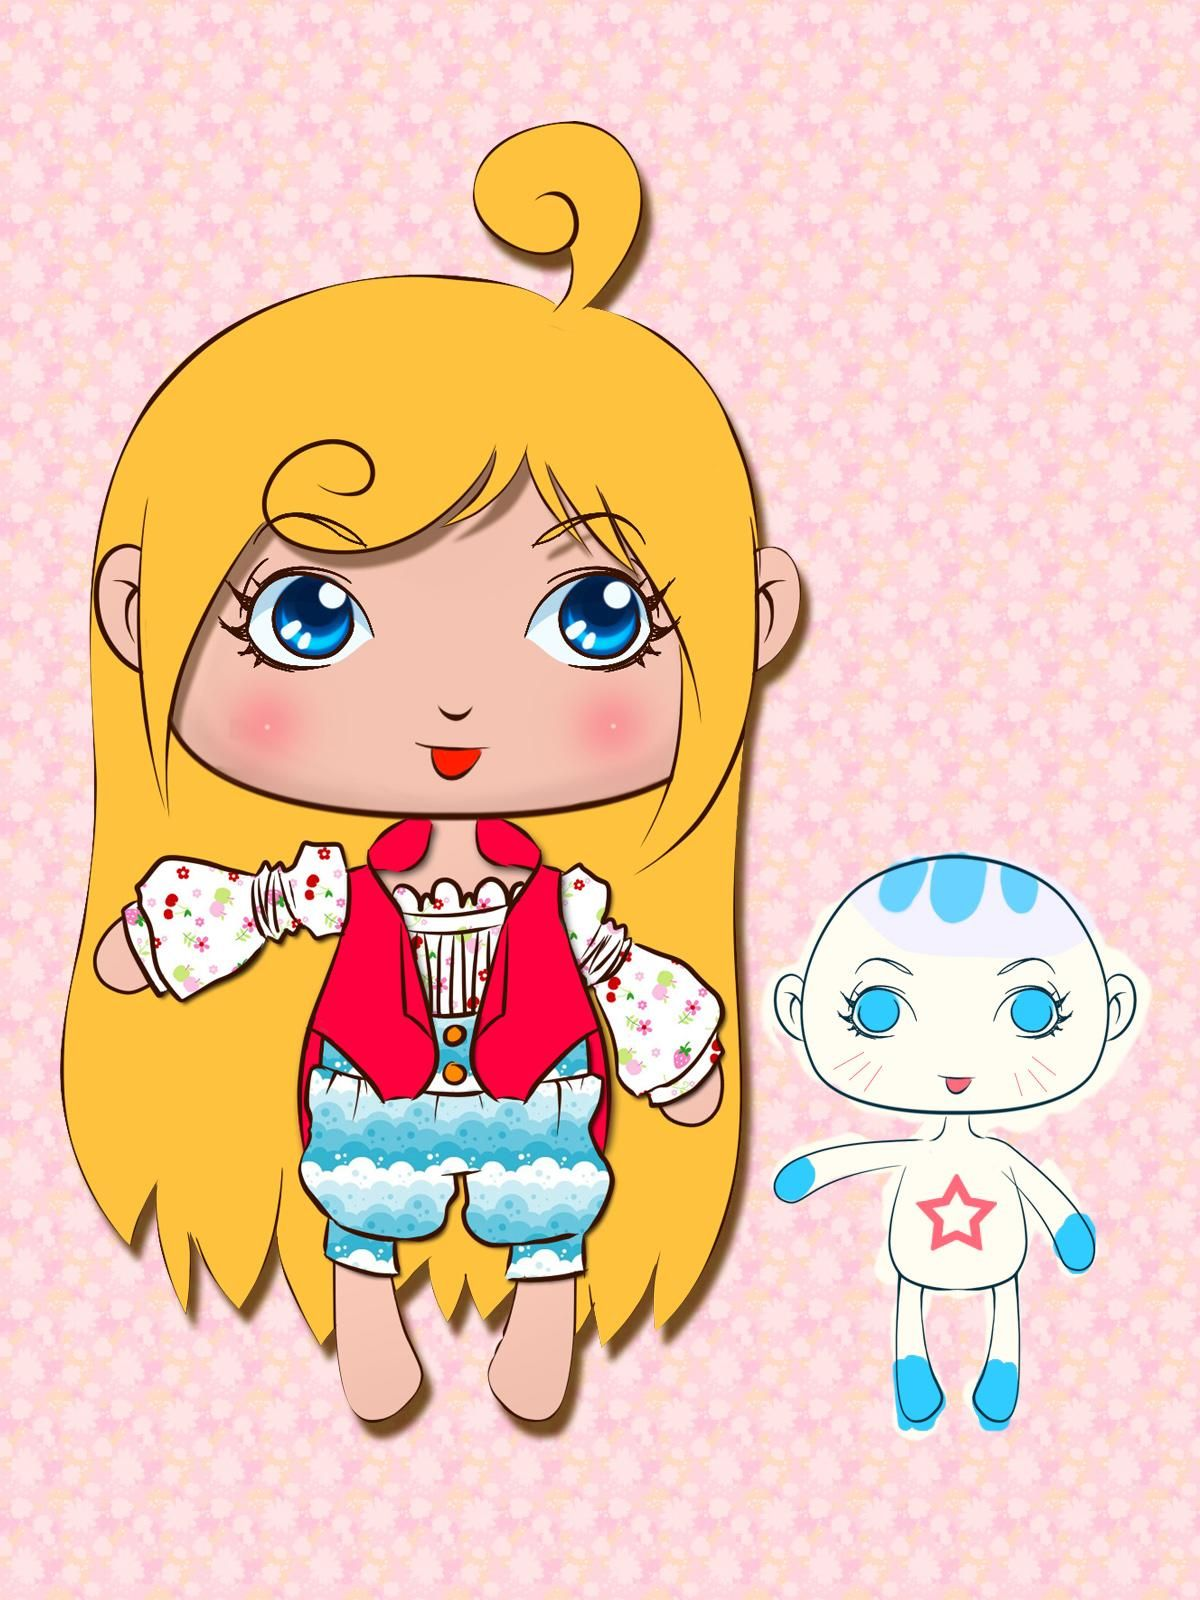 可爱的卡通小娃娃设计图